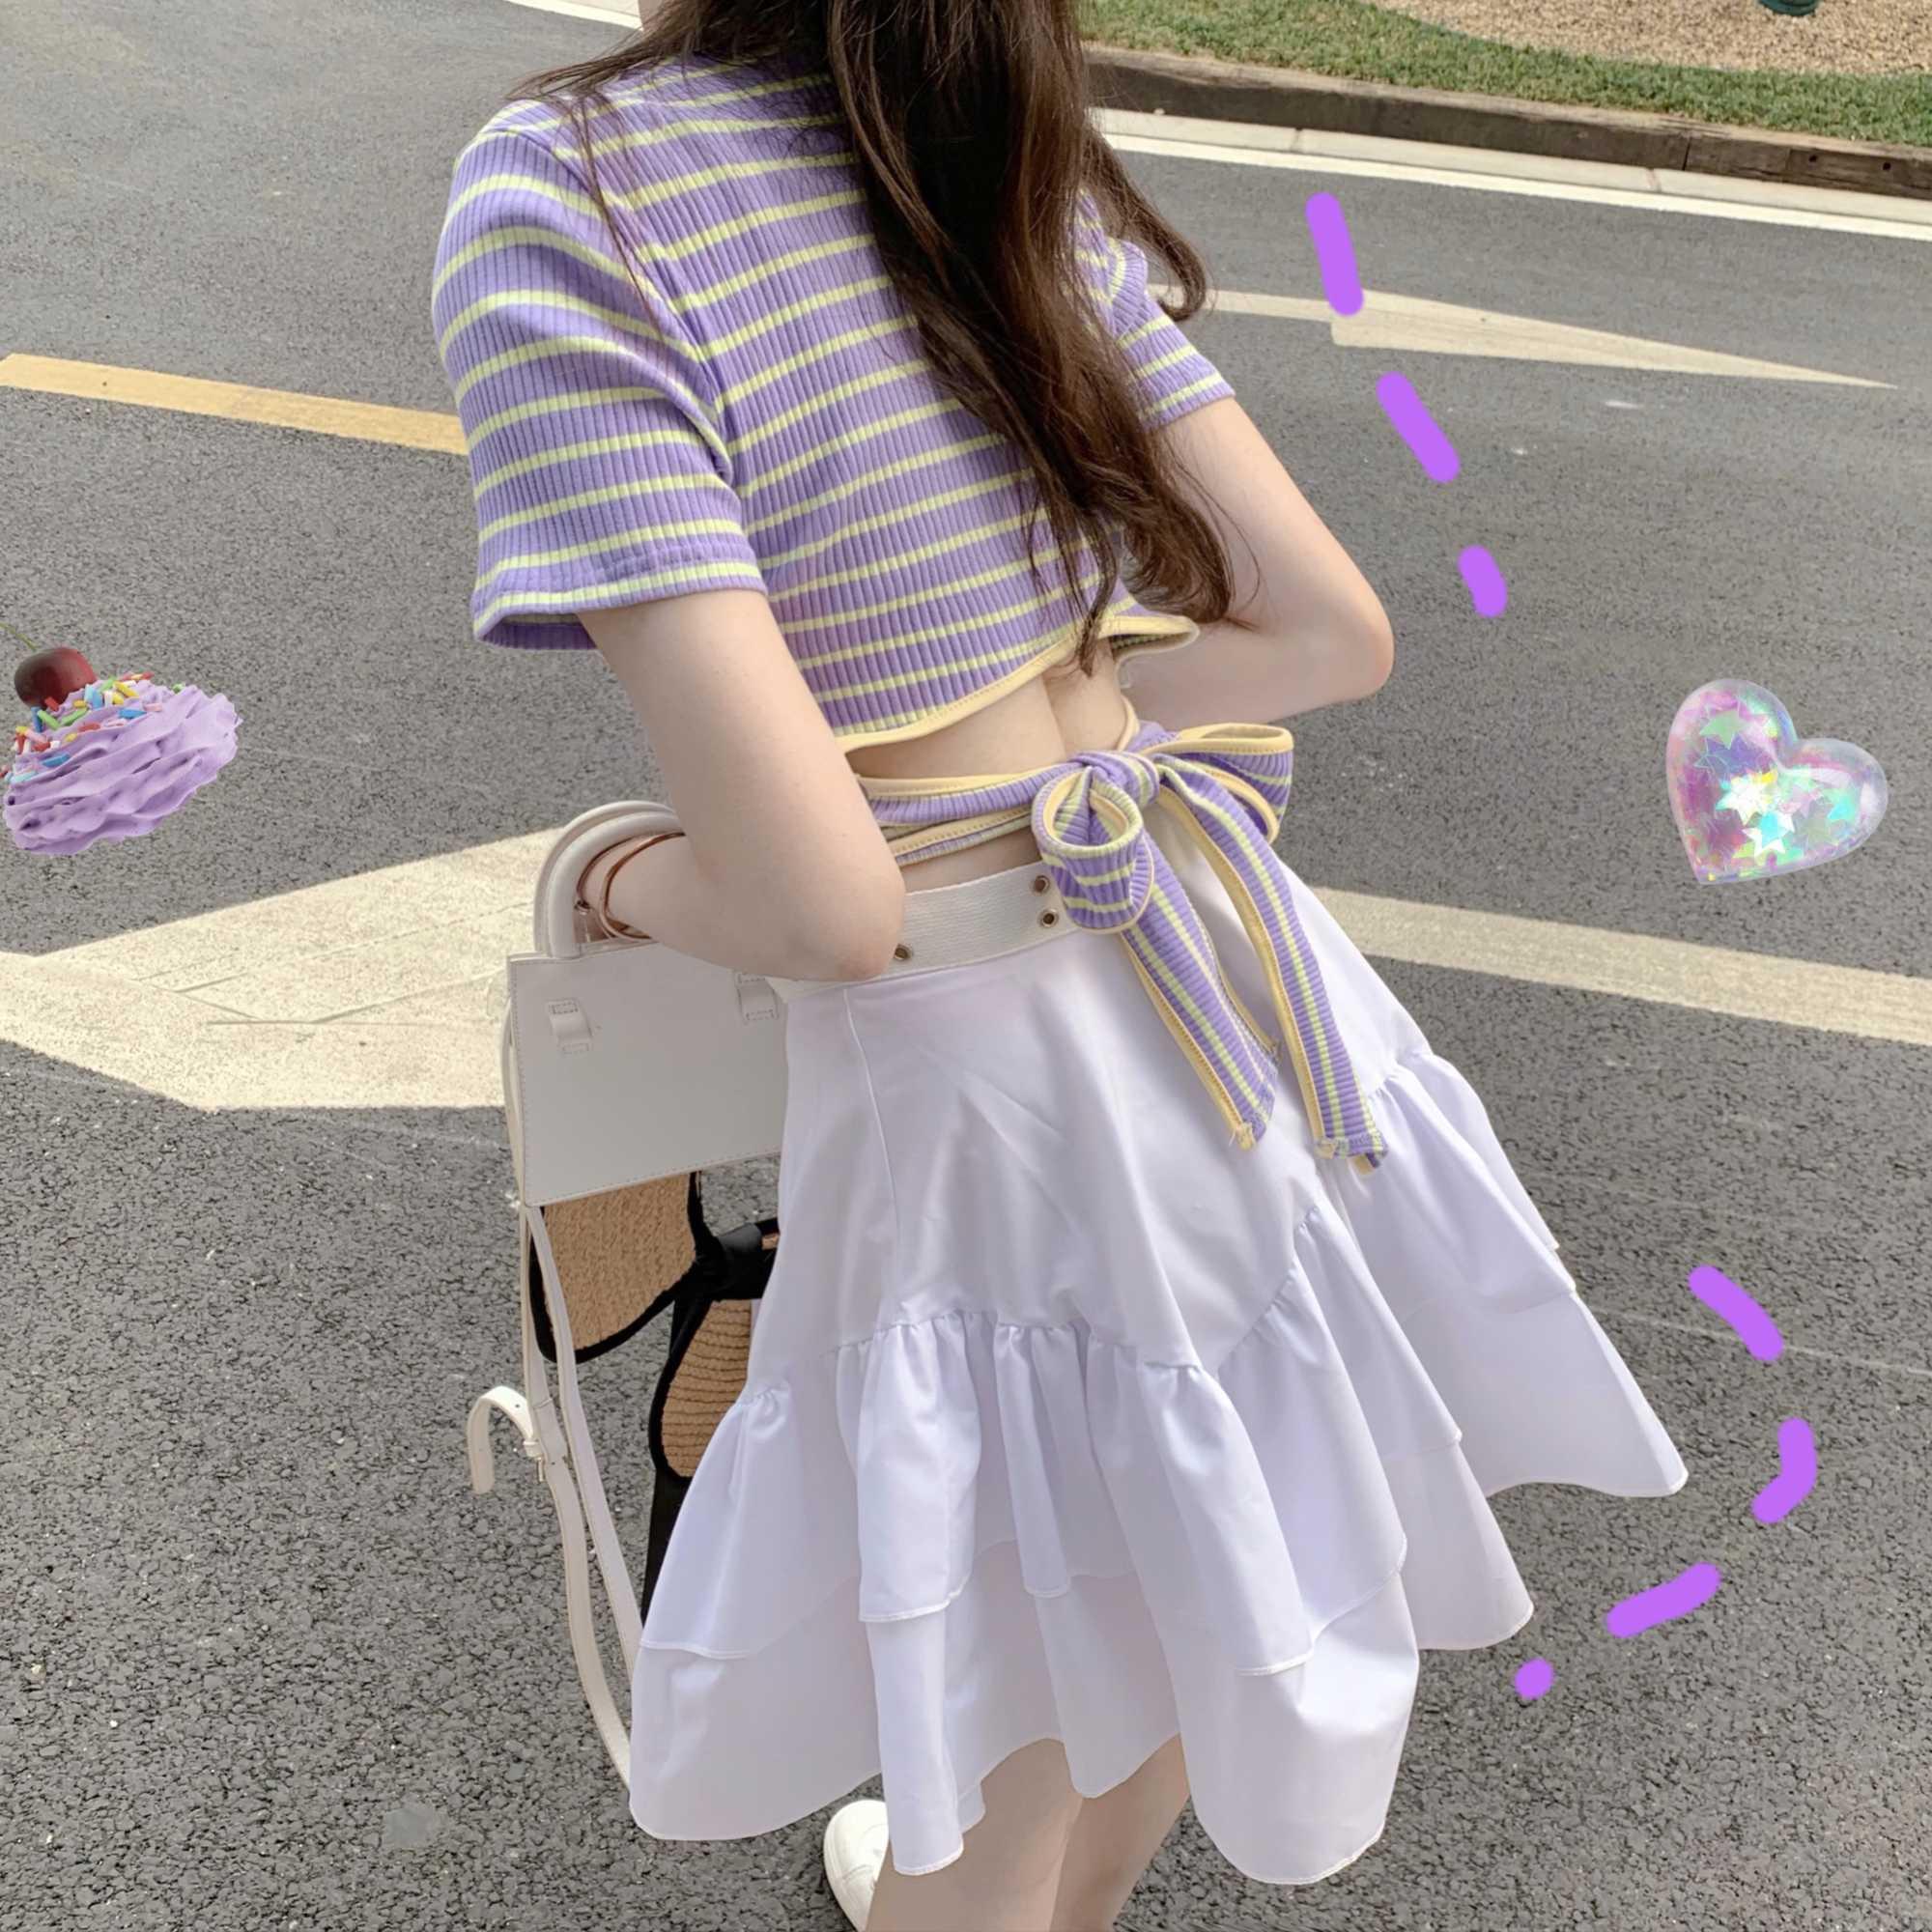 Женский костюм из двух предметов, короткий топ в полоску на шнуровке и юбка с высокой талией, лето 2020